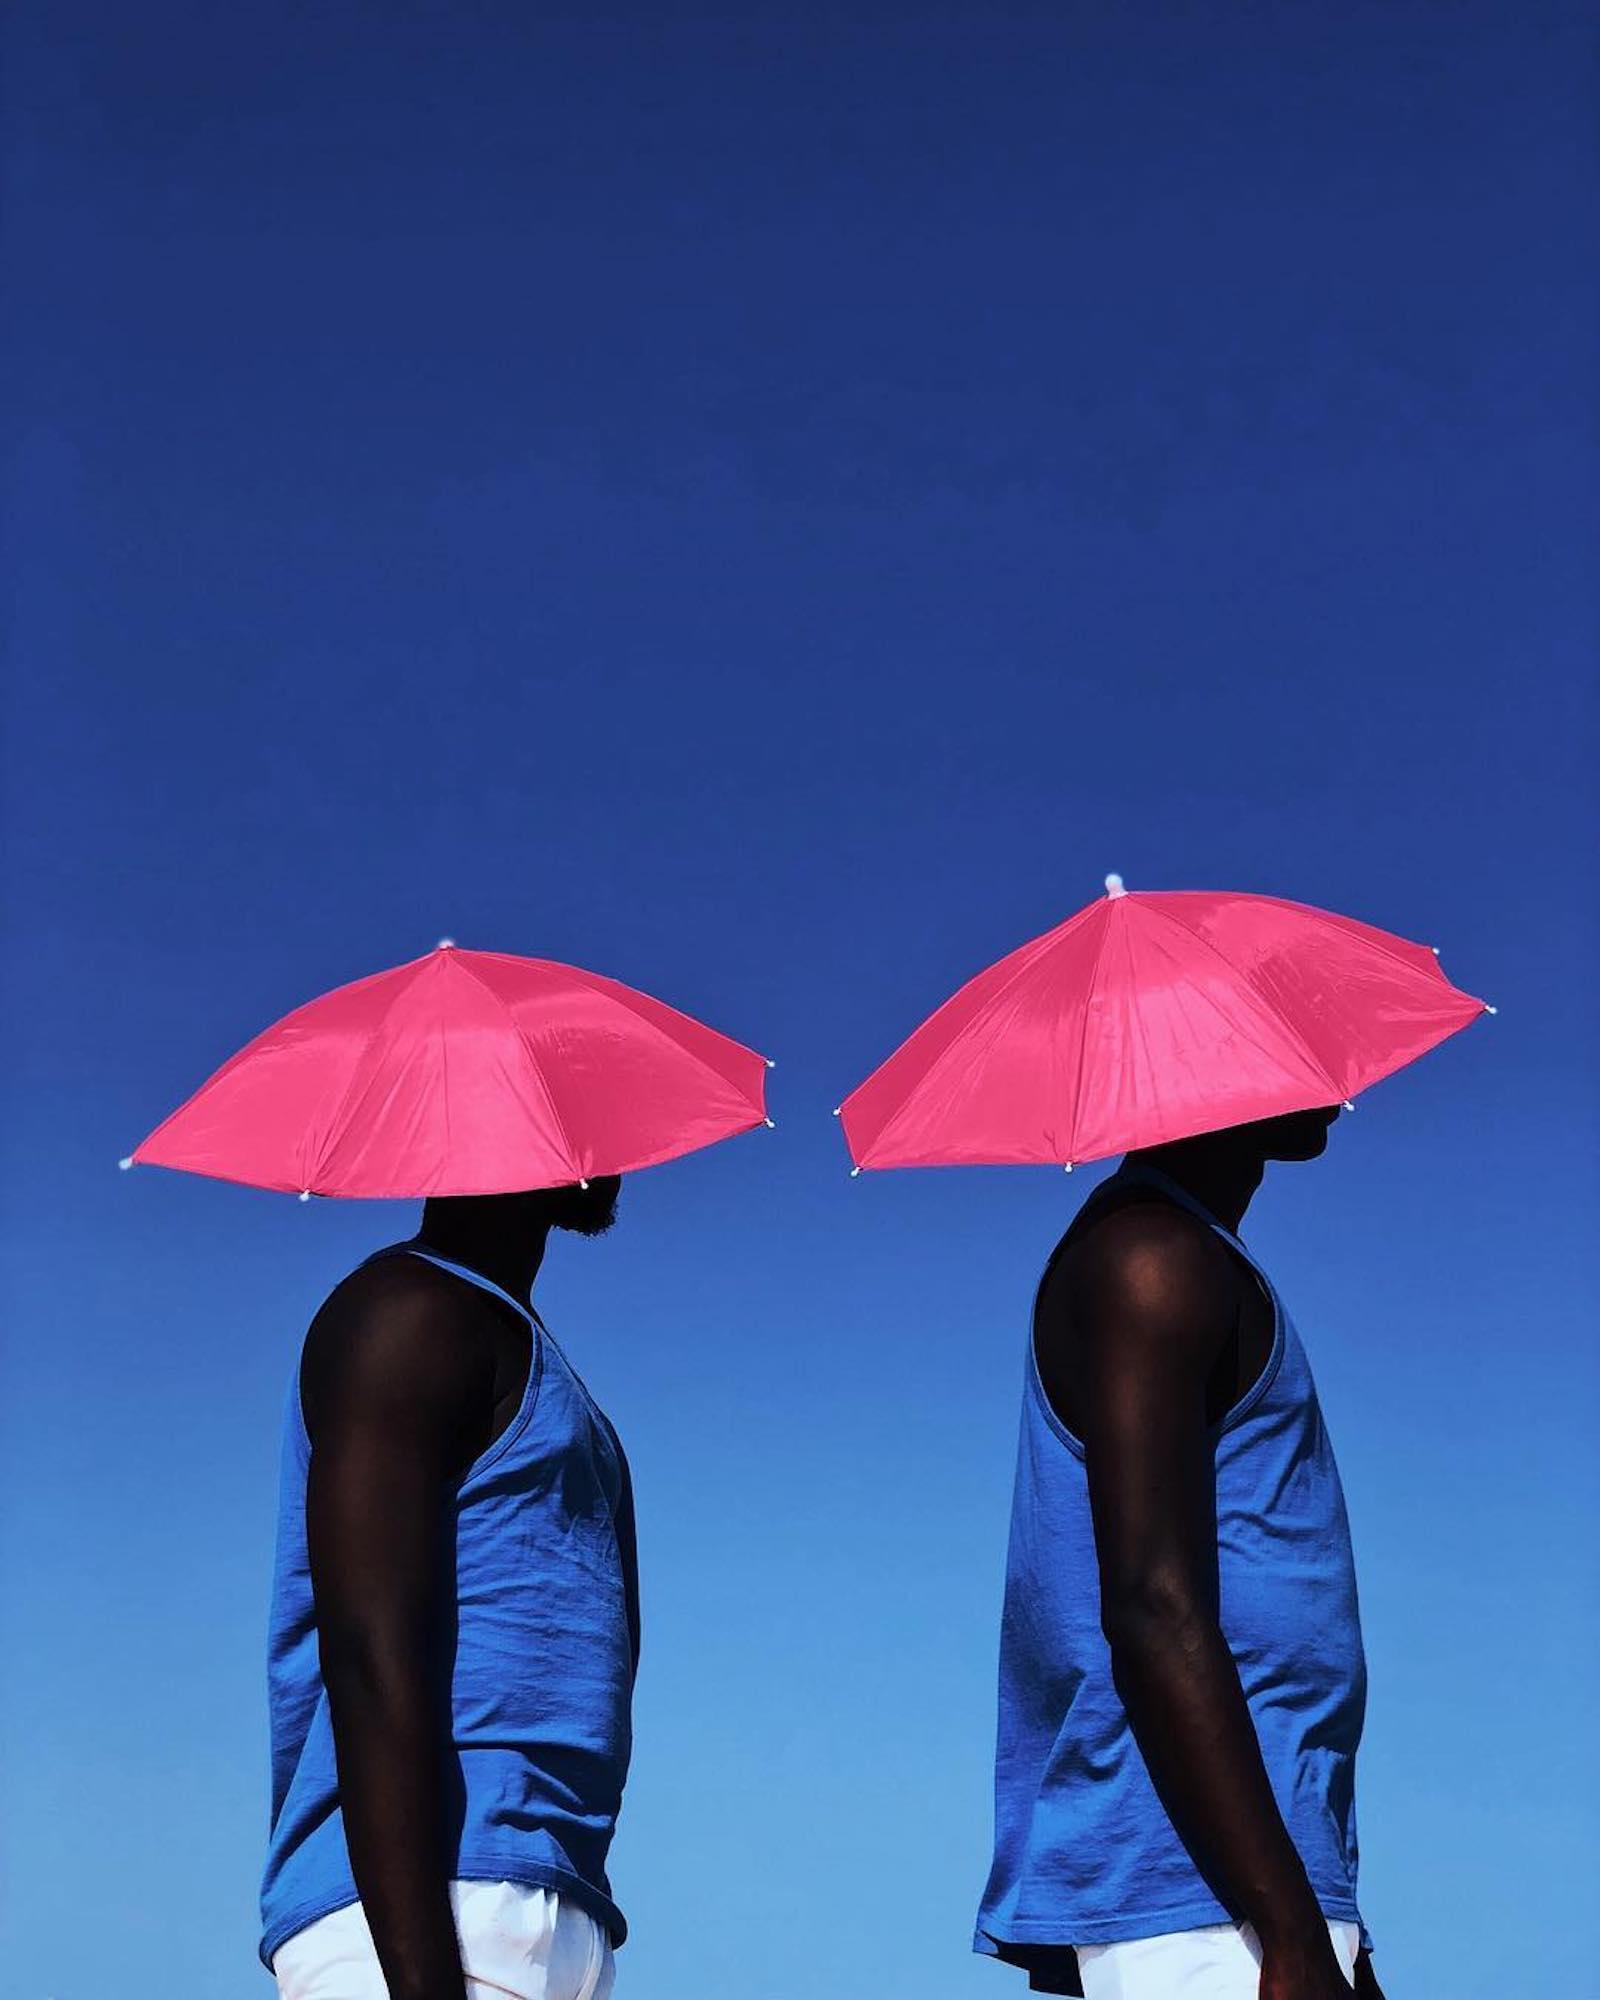 Price Gyasi fotografa i colori e le atmosfere del Ghana | Collater.al 7